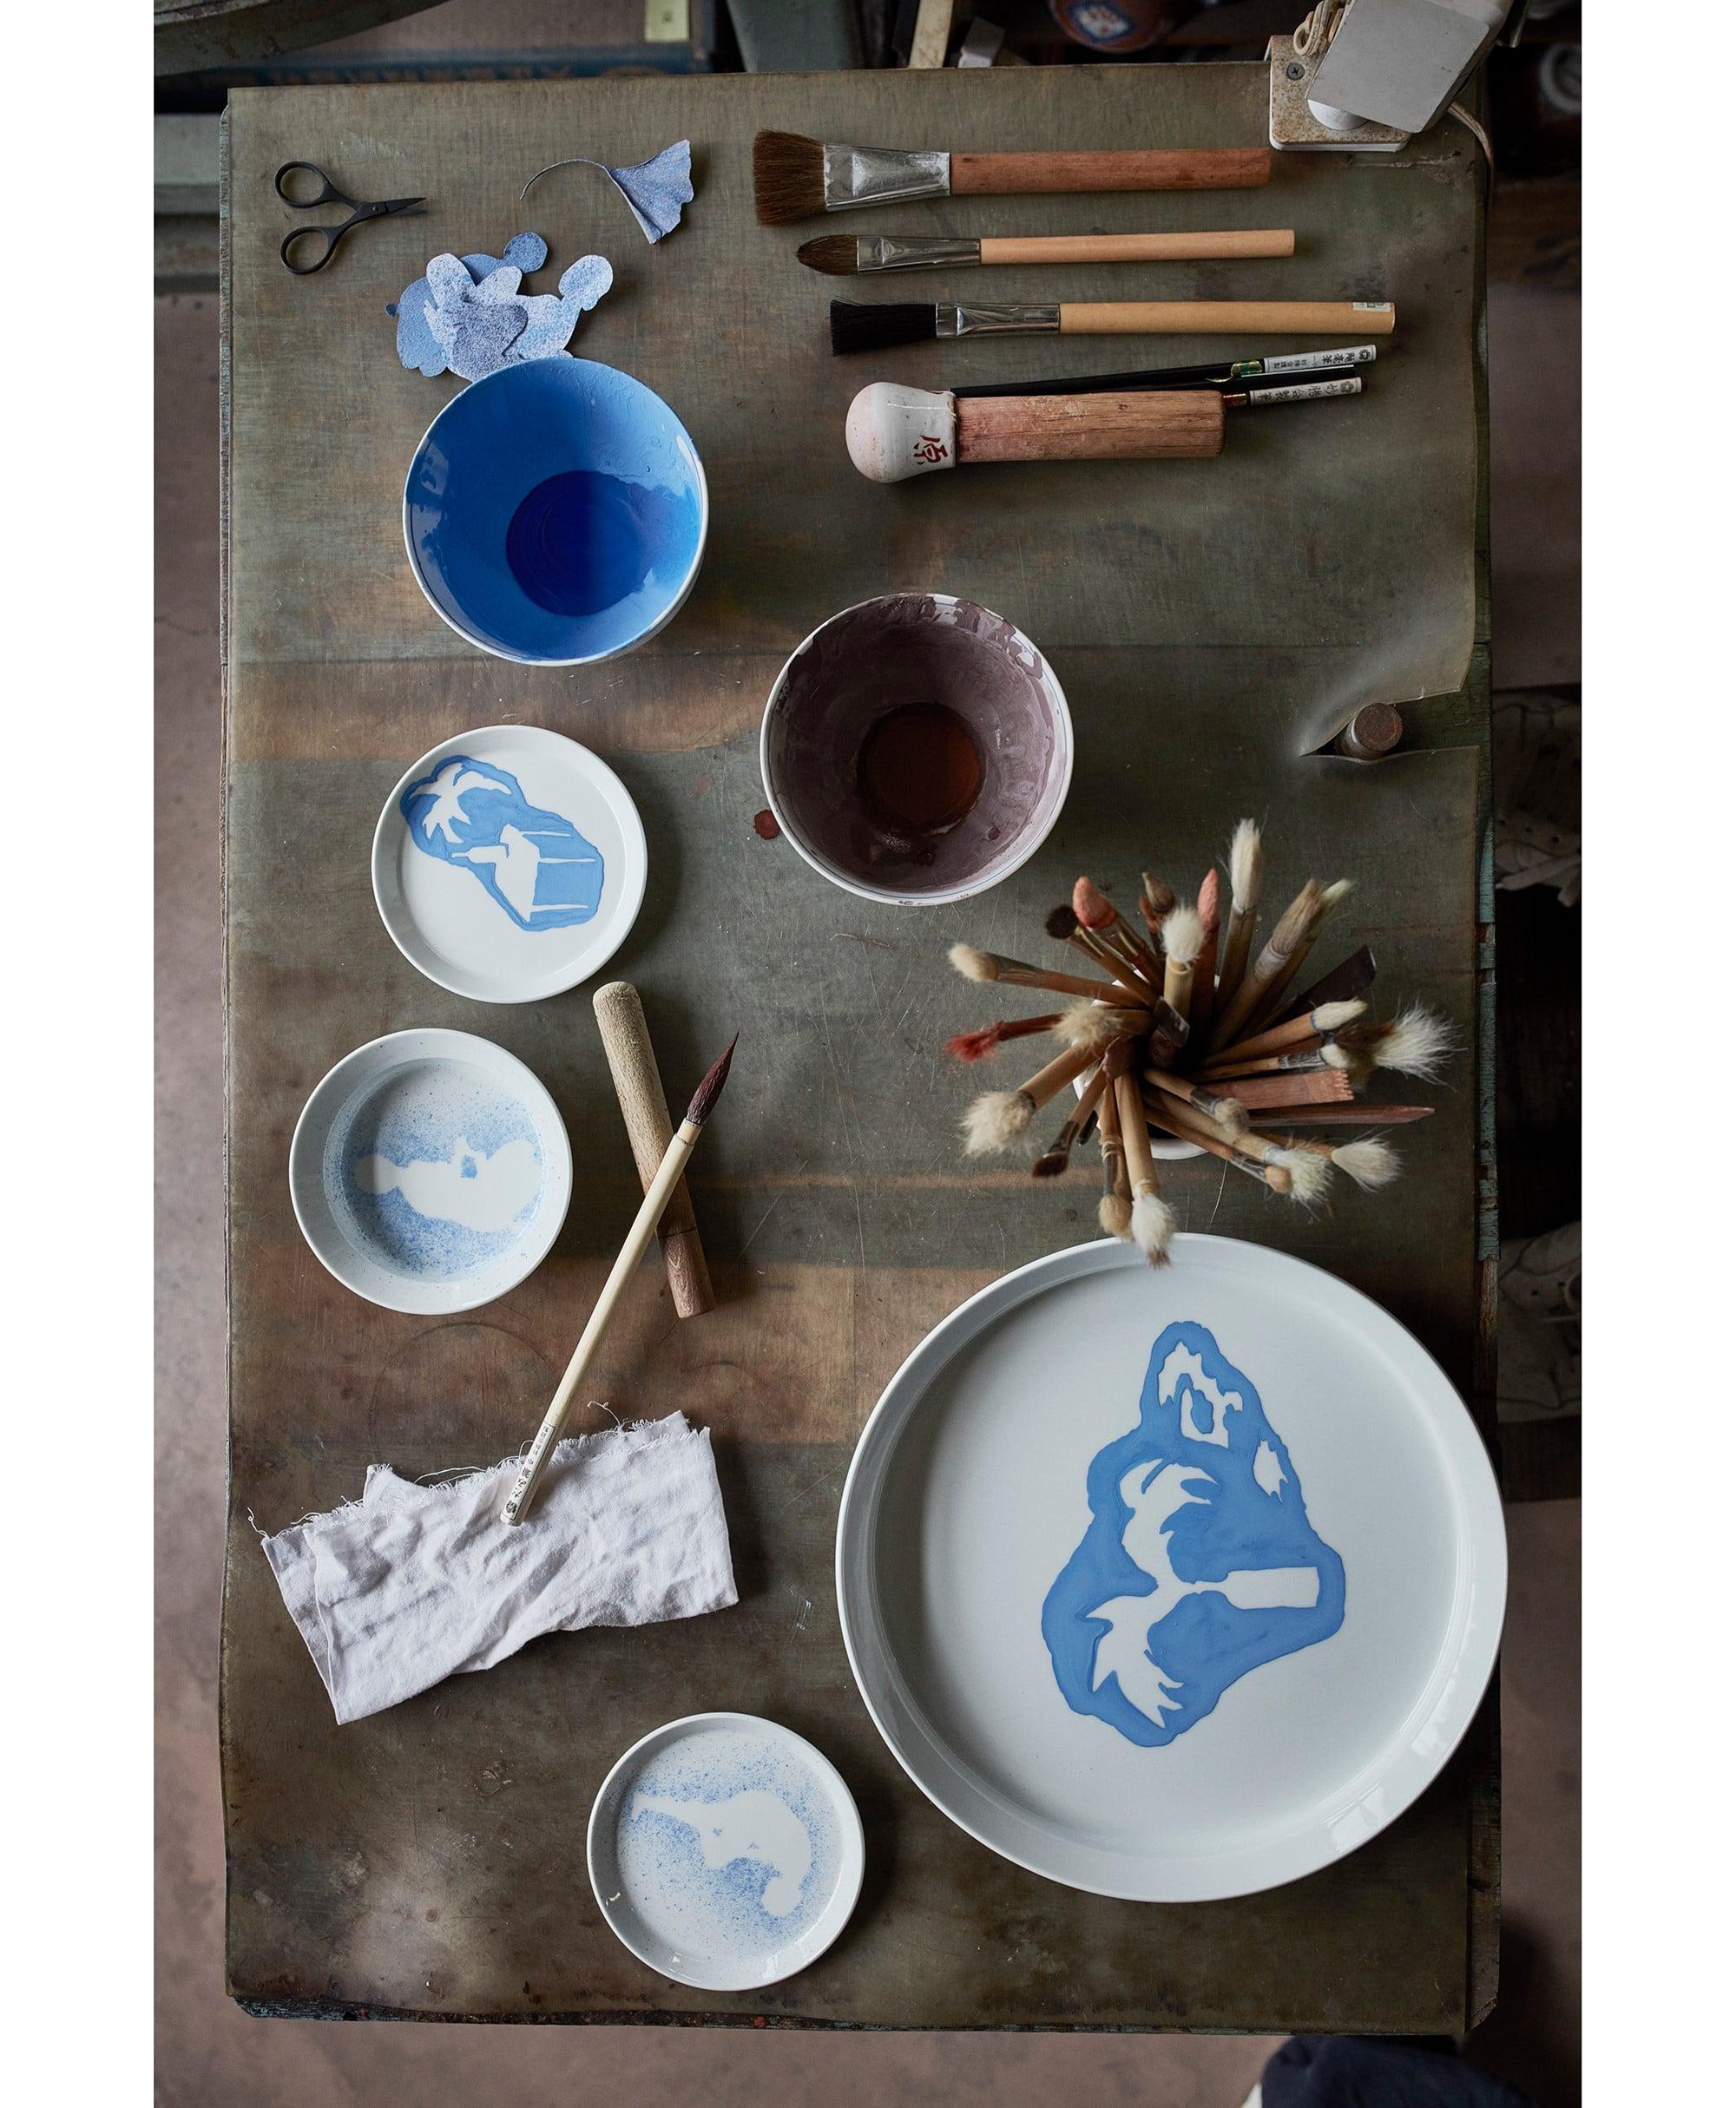 プレートの絵付けにも「オール・ザ・ウェイ・トゥ・パリス」の個性豊かな創造性が光る。